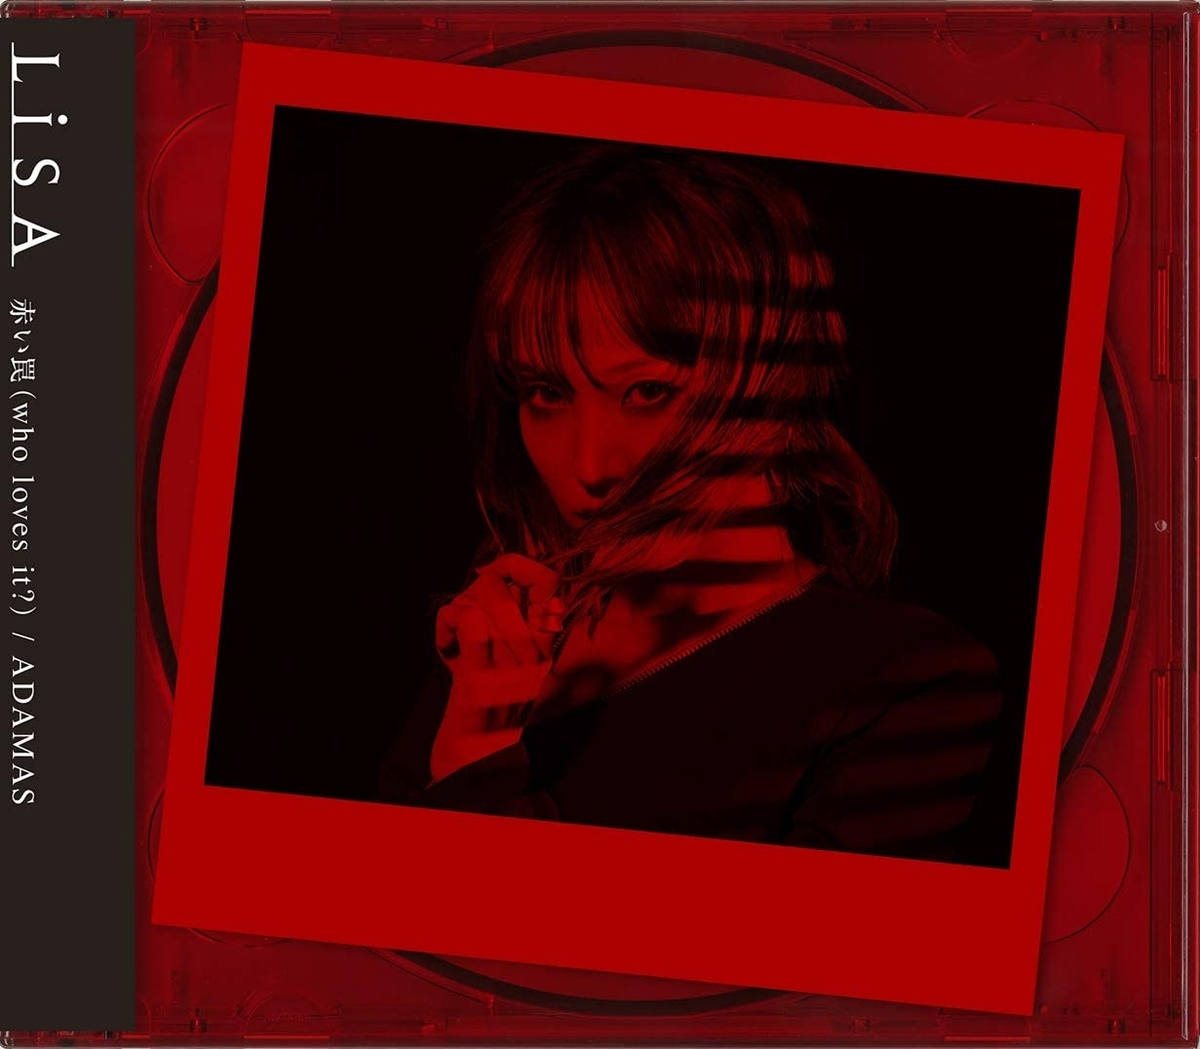 『赤い罠(who loves it)/ ADAMAS』(初回生産限定盤)、SACRA MUSIC、2018年